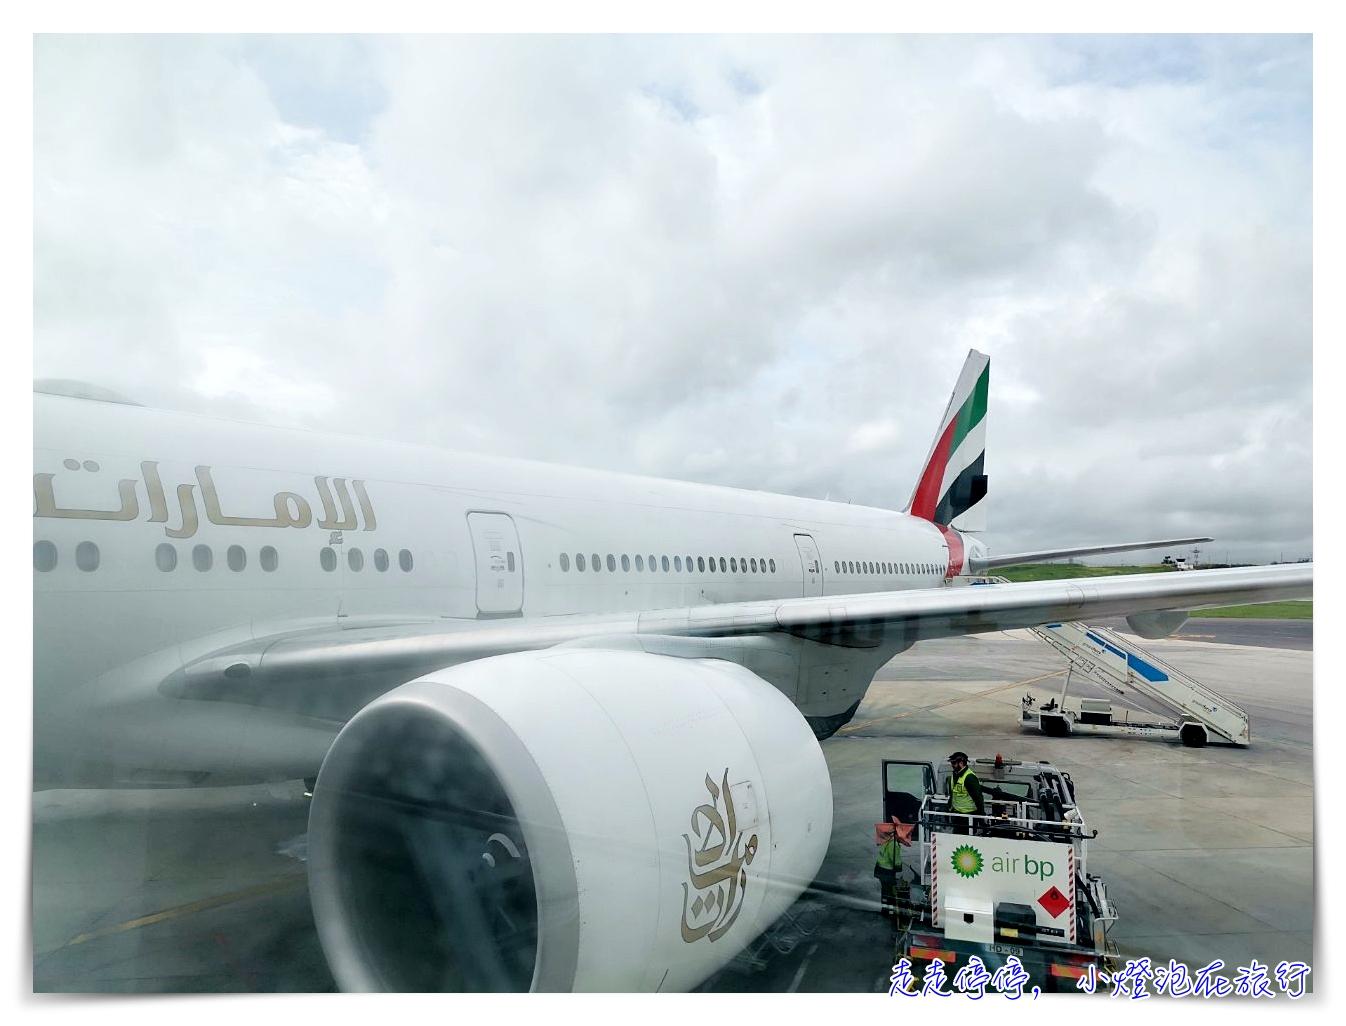 2020阿聯酋A380搭乘體驗|土豪航空好搭舒適度二回目體驗記錄~